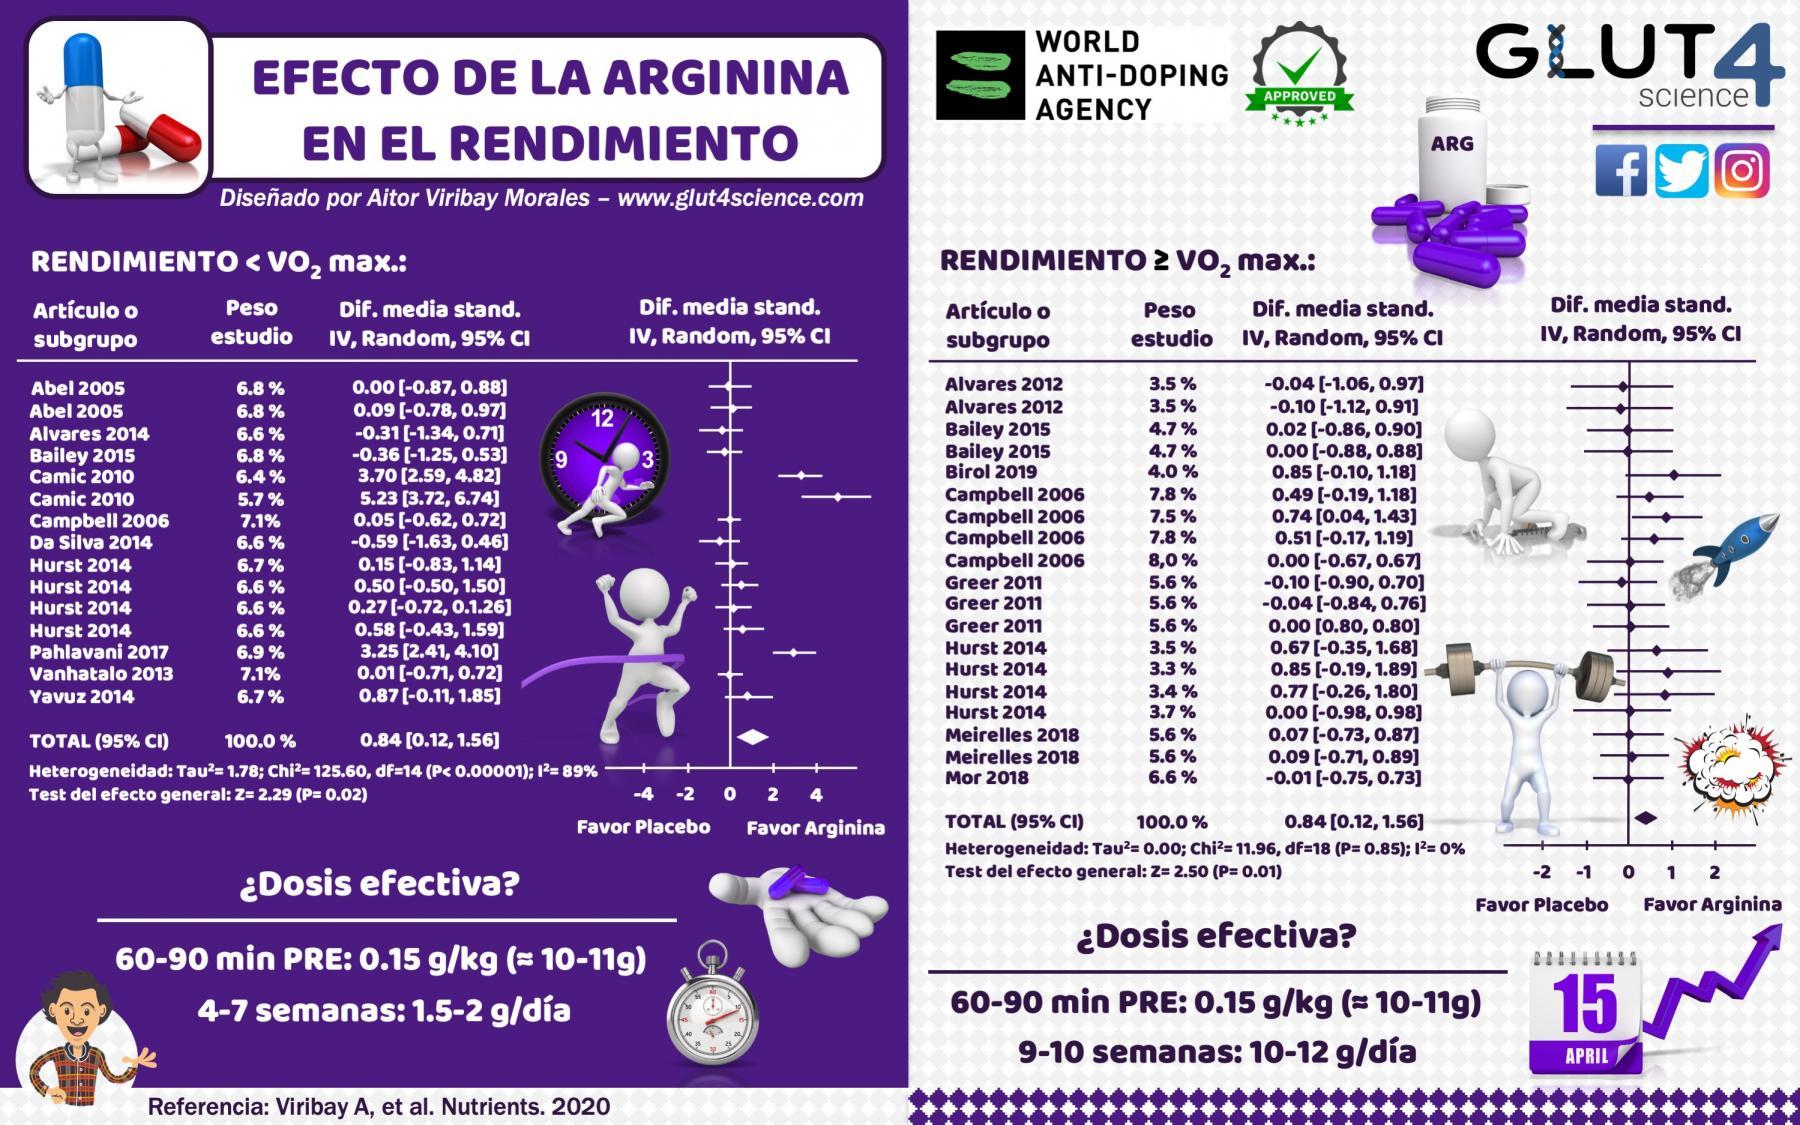 Suplementación con Arginina en el Deporte: Revisión Sistemática y Meta-Análisis